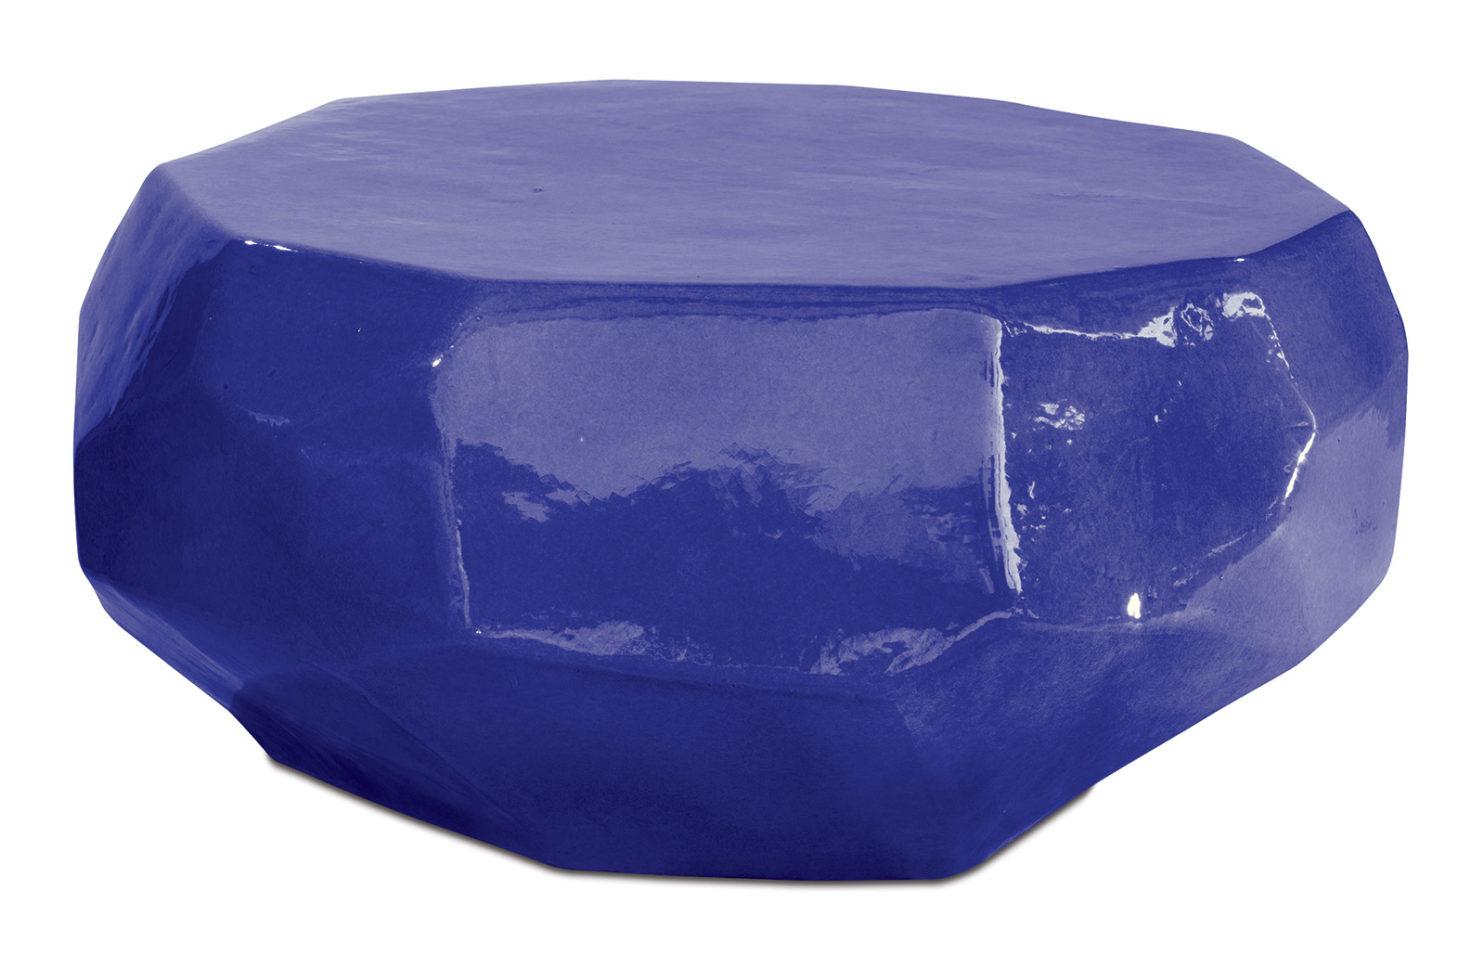 Ceramic Geo Table 308FT358P2NB